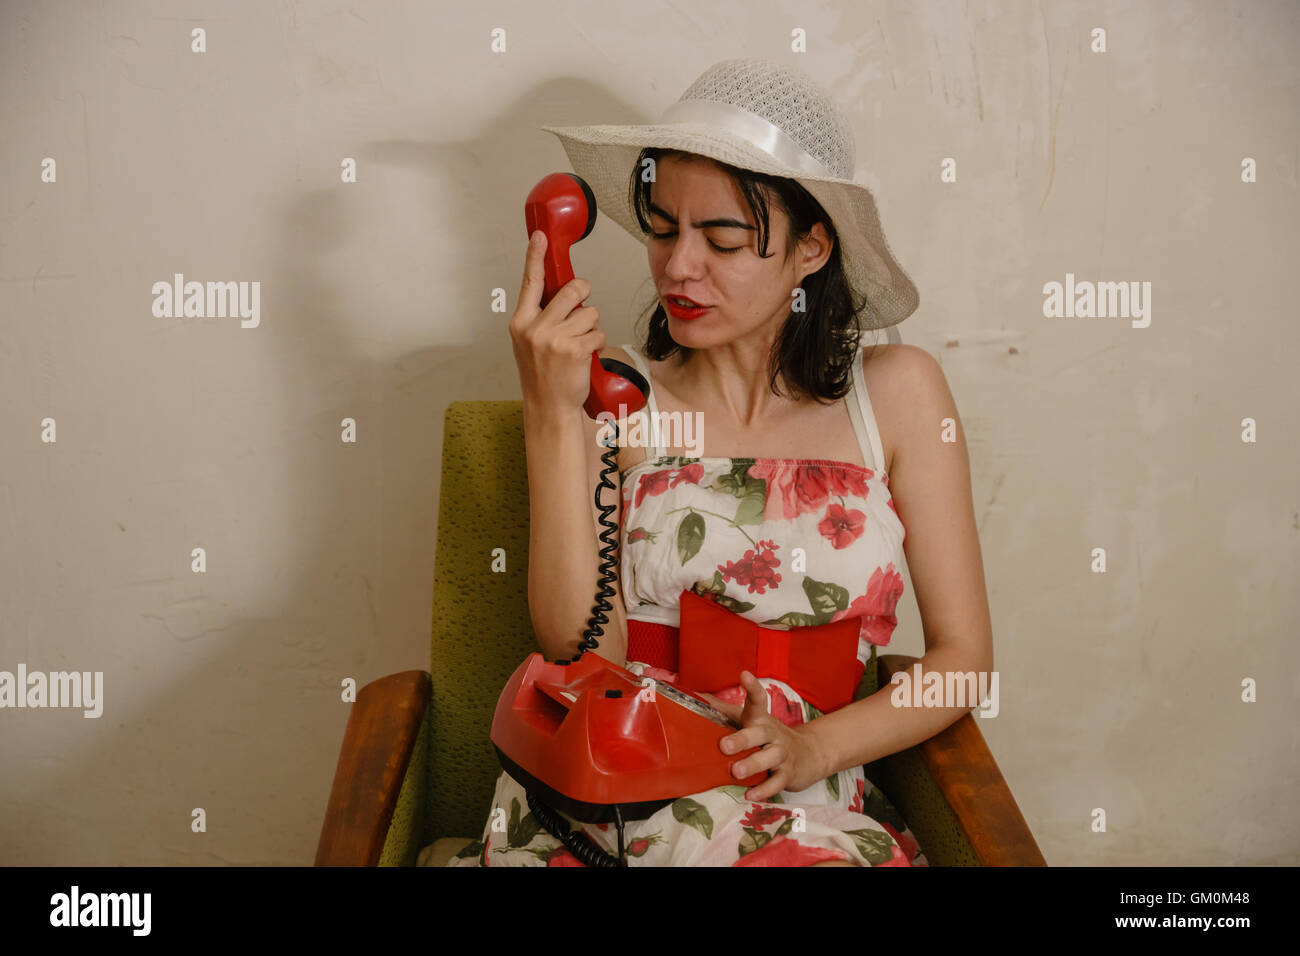 hübsche Brünette spricht emotional per Telefon auf den alten Lehnstuhl sitzen Stockbild